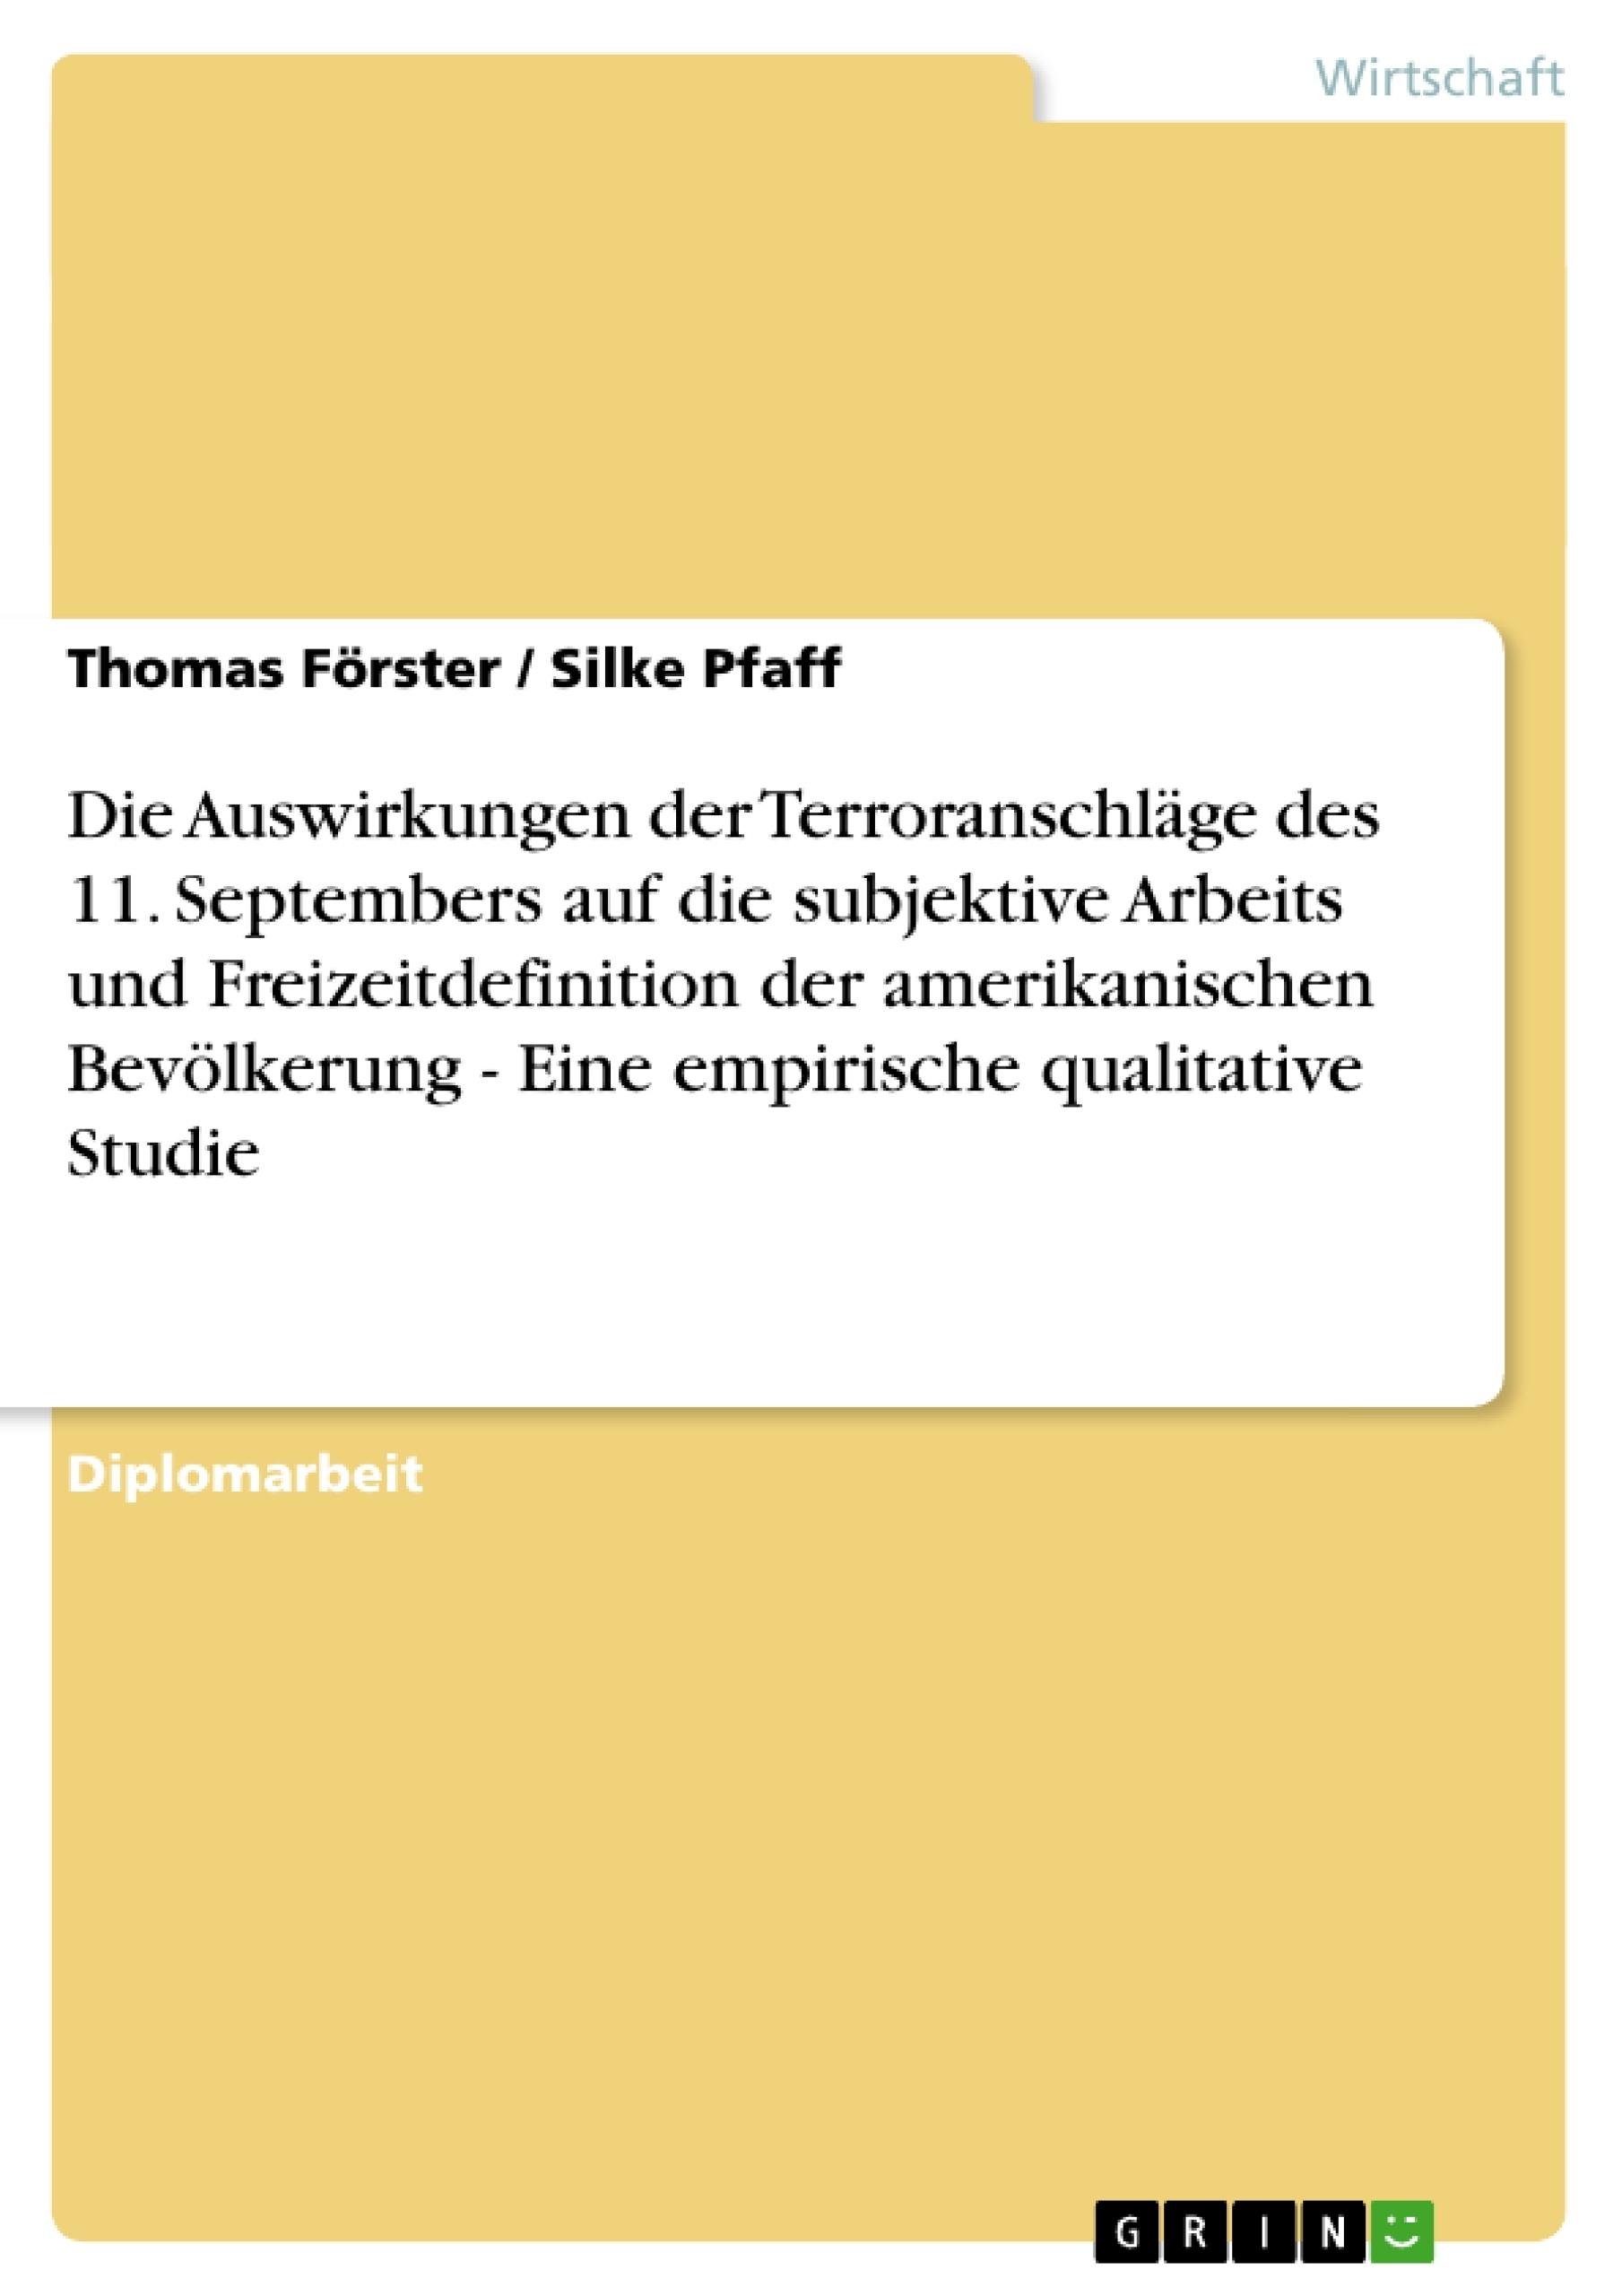 Titel: Die Auswirkungen der Terroranschläge  des 11. Septembers auf die subjektive Arbeits und Freizeitdefinition der amerikanischen Bevölkerung - Eine empirische qualitative Studie